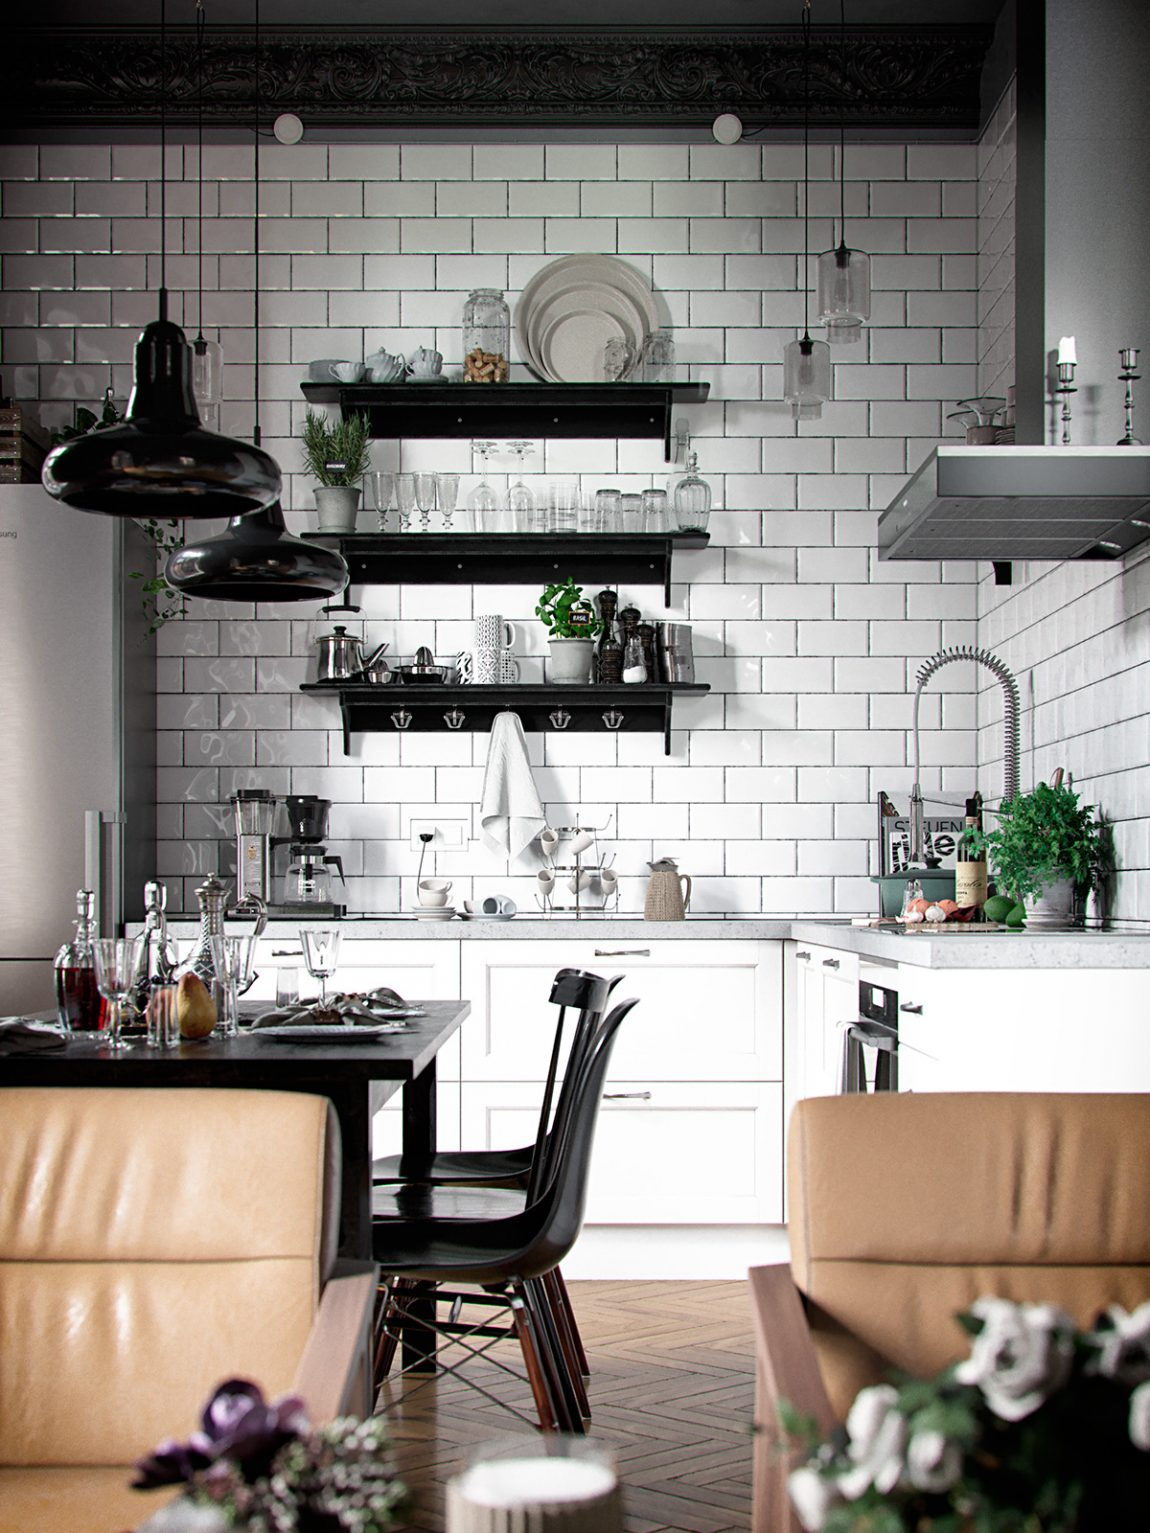 Woonkamer met een eclectisch interieur en een zwart for Interieur huis